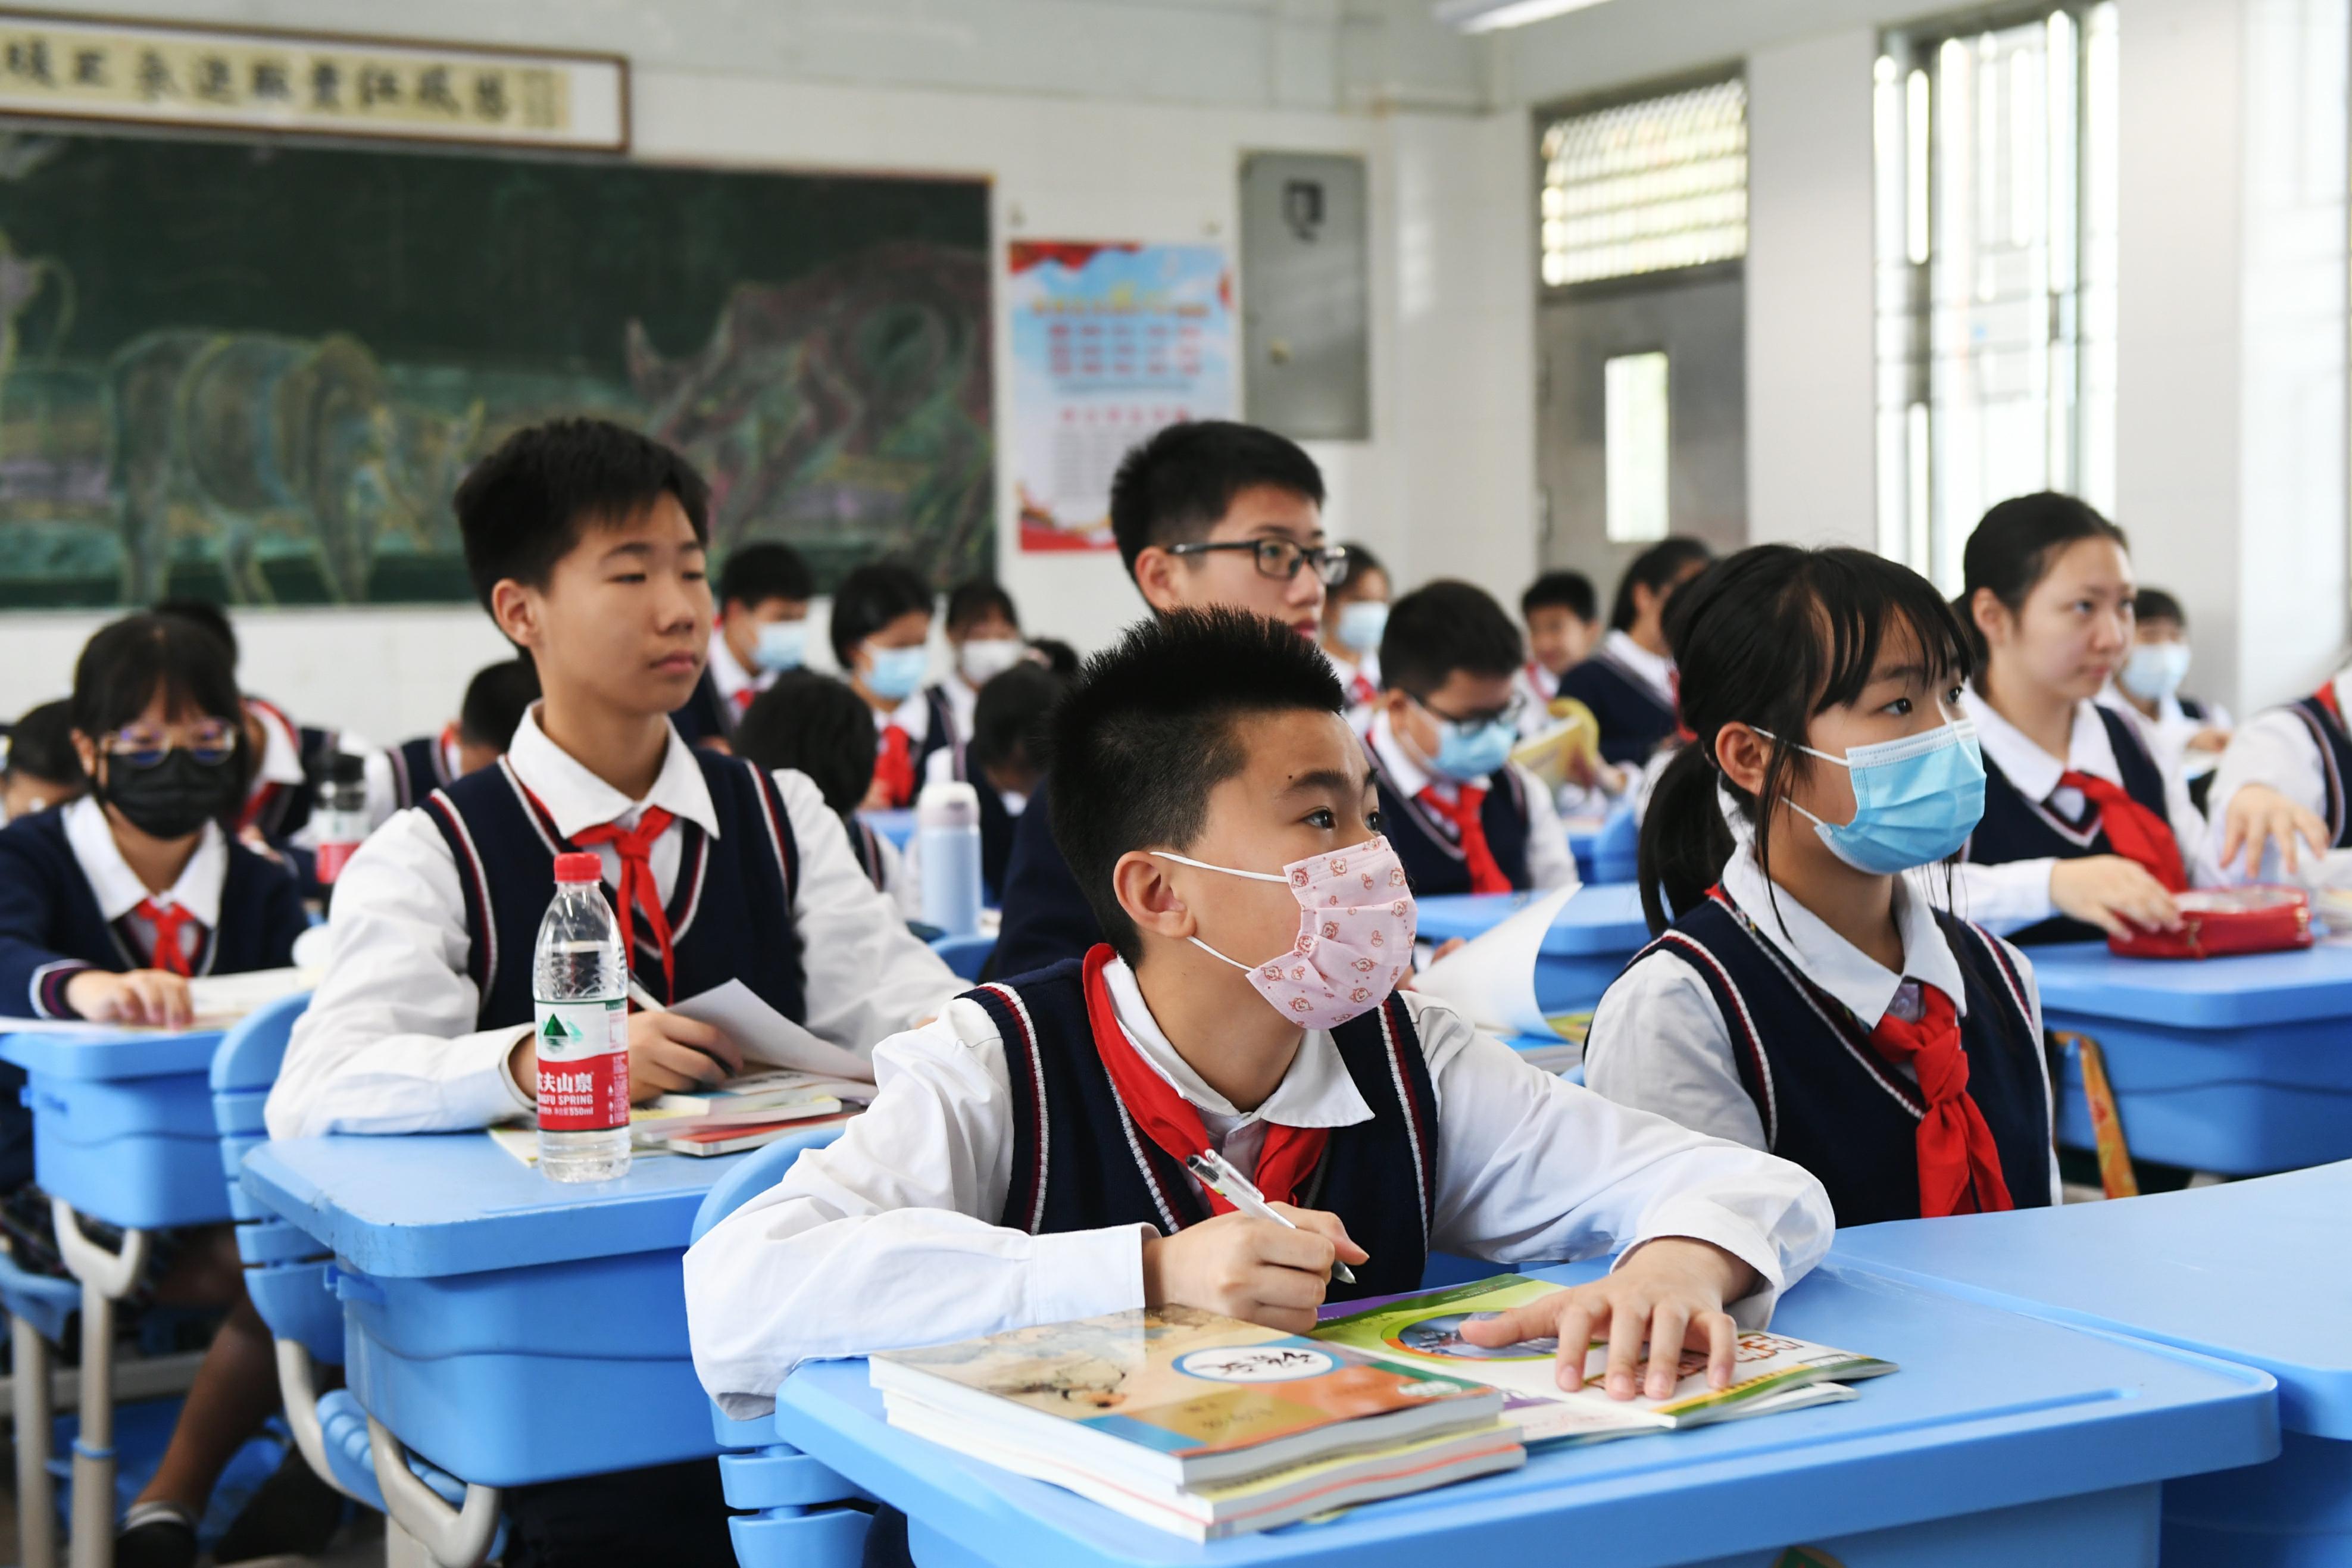 广州今年至少新开18所中小学,一贯制学校占72%